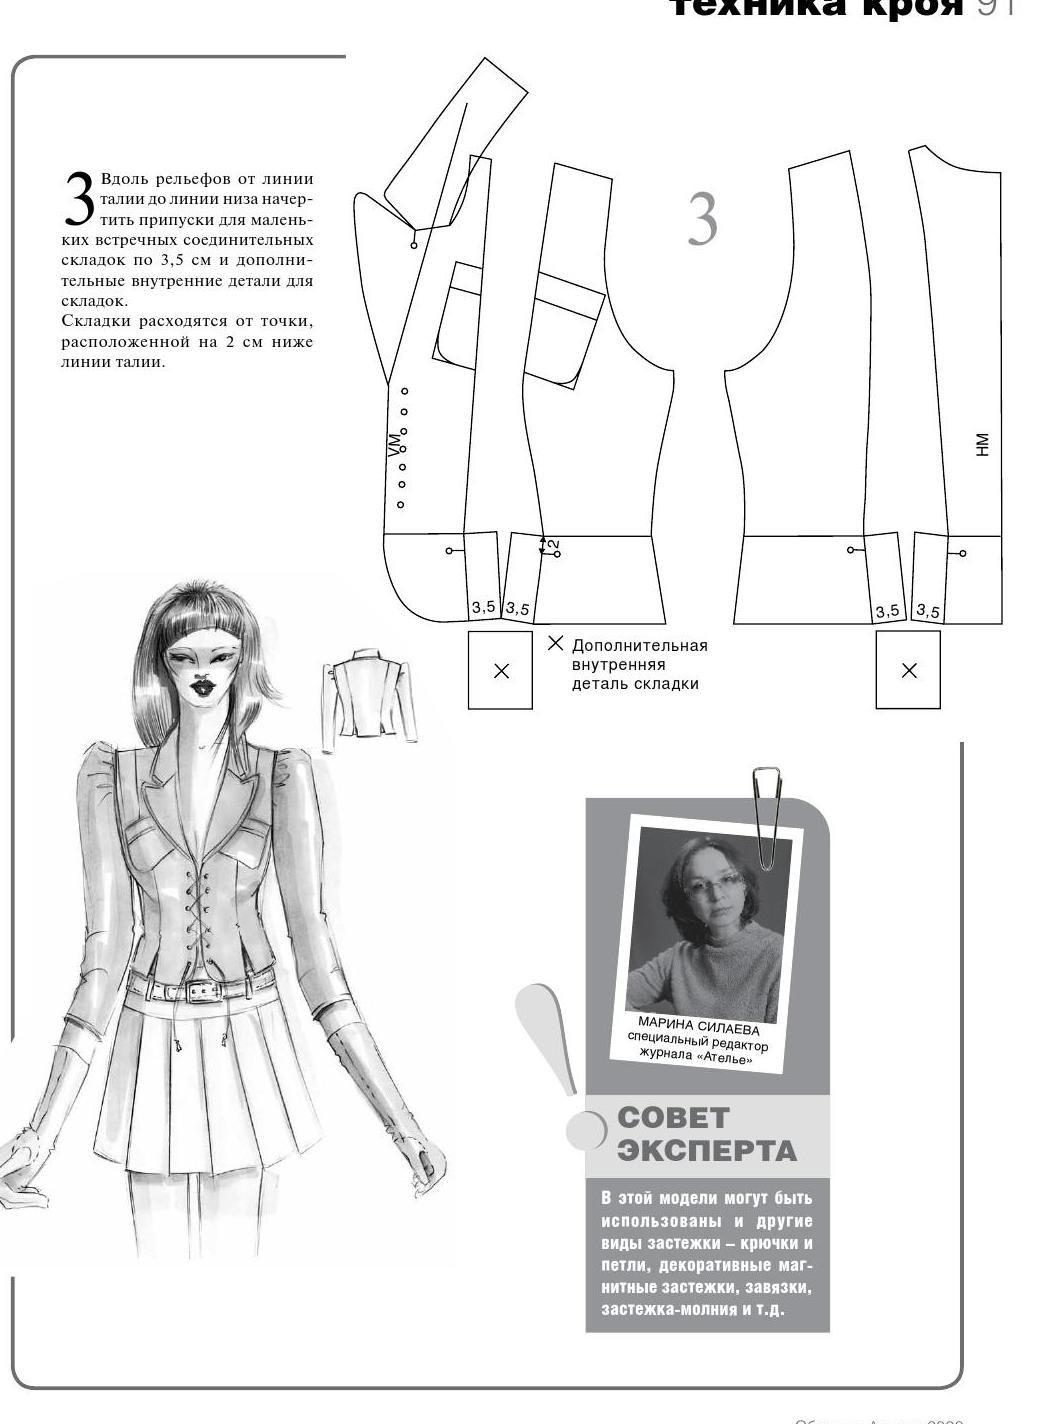 #Clipped On Issuu from Сборник «Ателье-2008». Техника кроя «М.Мюллер и сын». Конструирование и моделирование одежды.